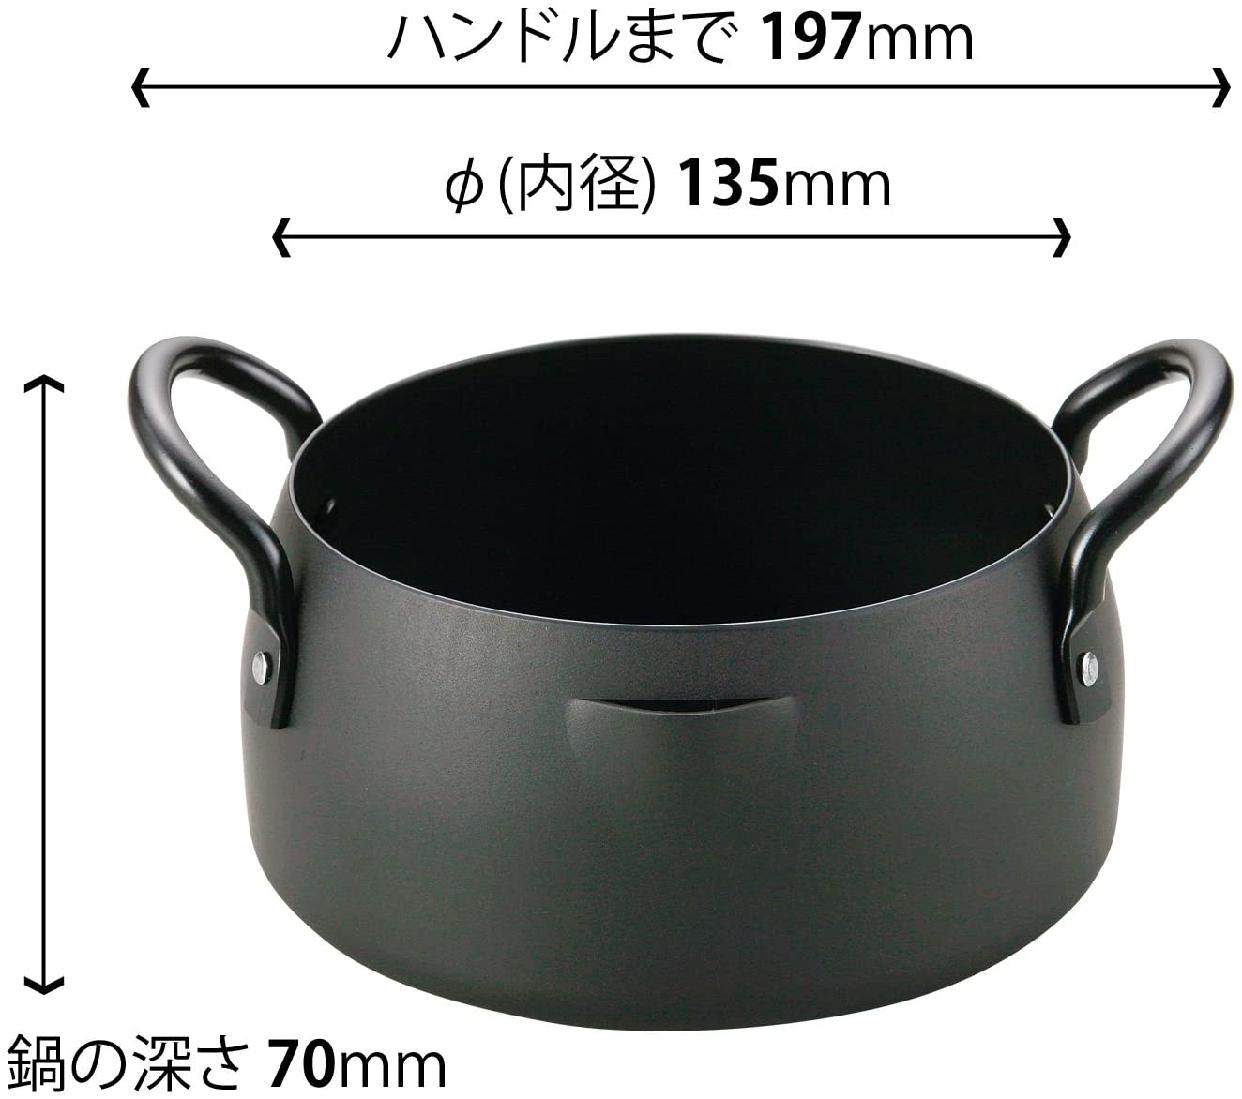 和平フレイズ(FREIZ) 鉄共柄天ぷら鍋16cm EM-8286の商品画像3